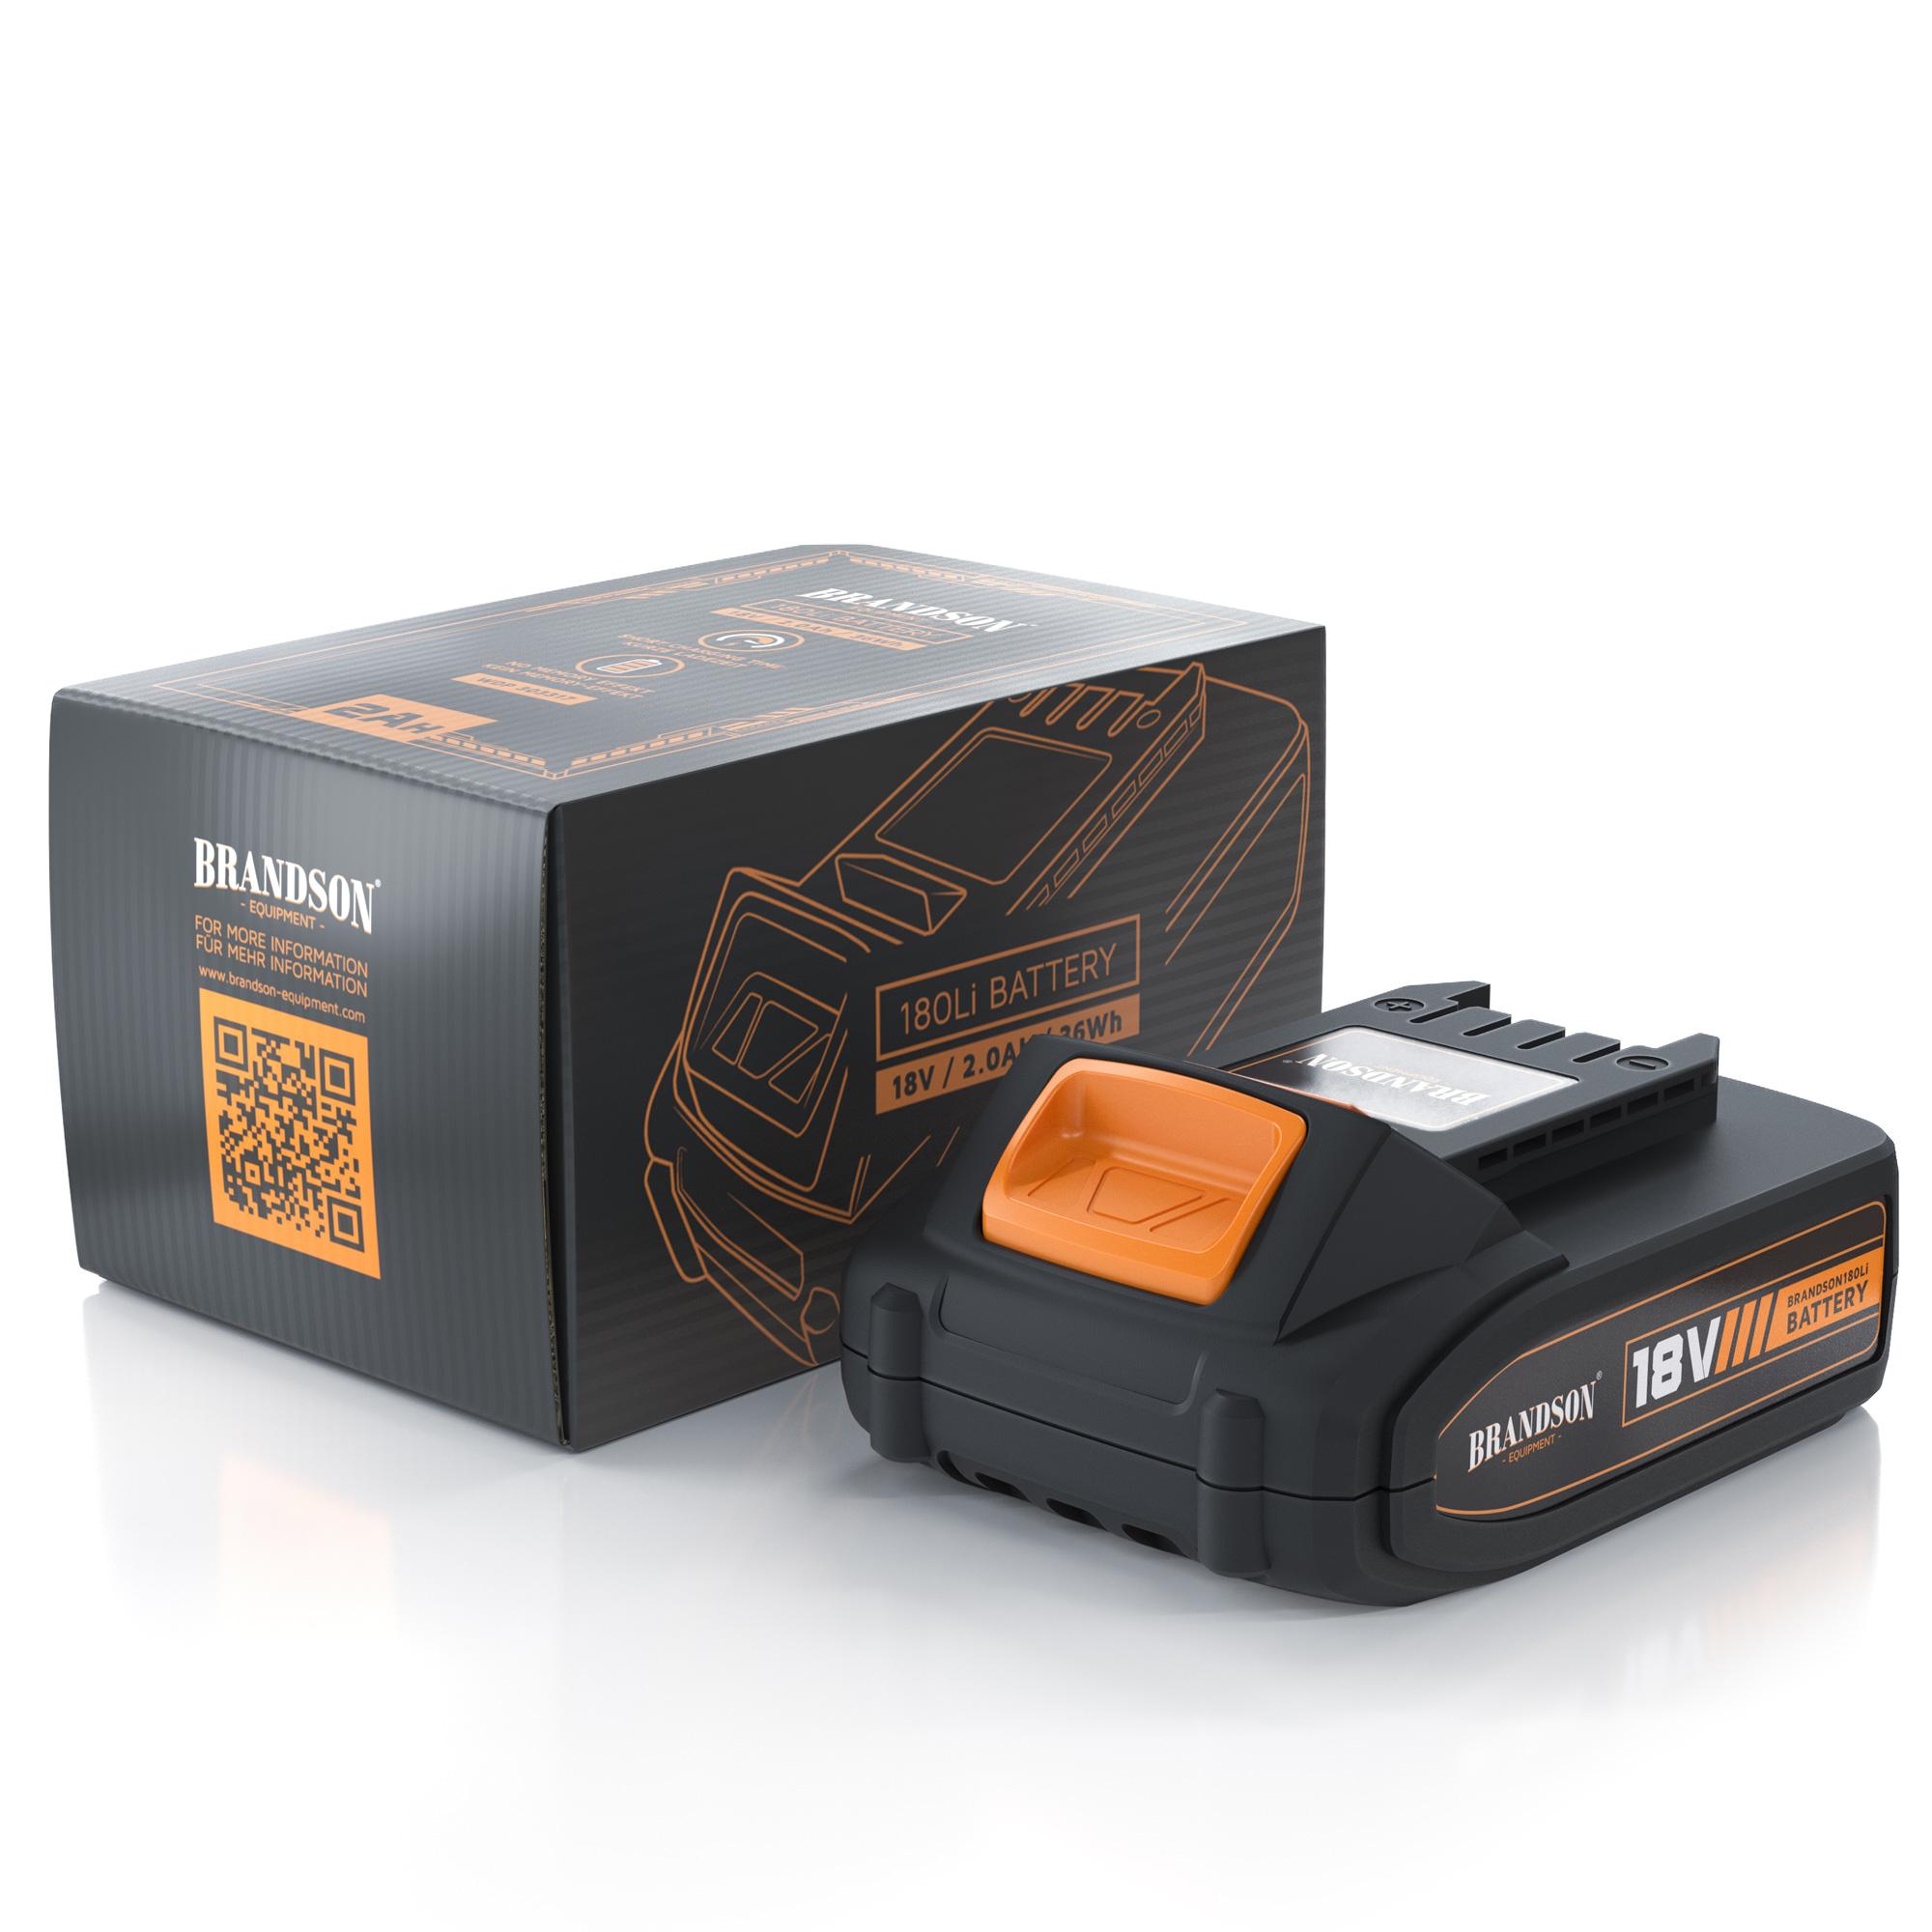 303317_2Ah_Batterie_Packshot.jpg